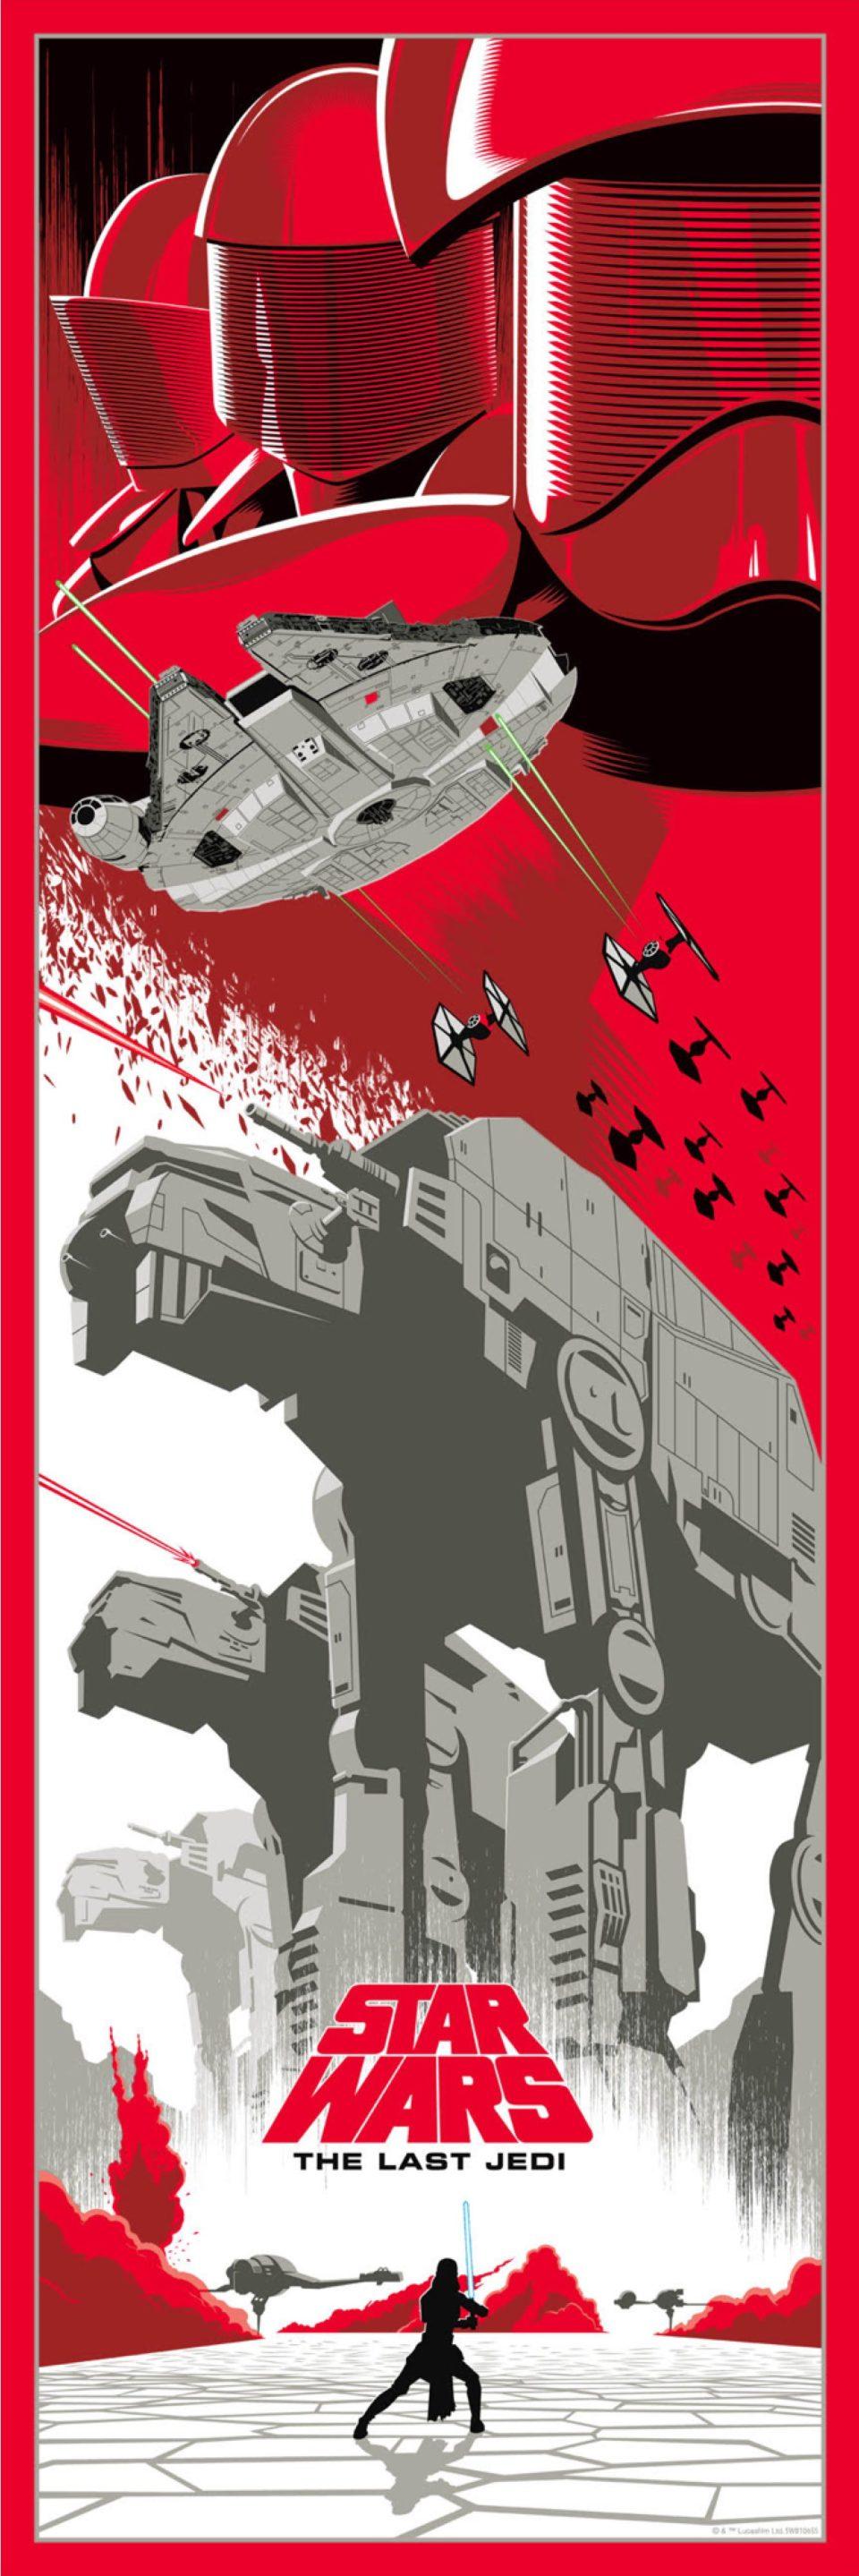 eric-tan-star-wars-the-last-jedi.jpg